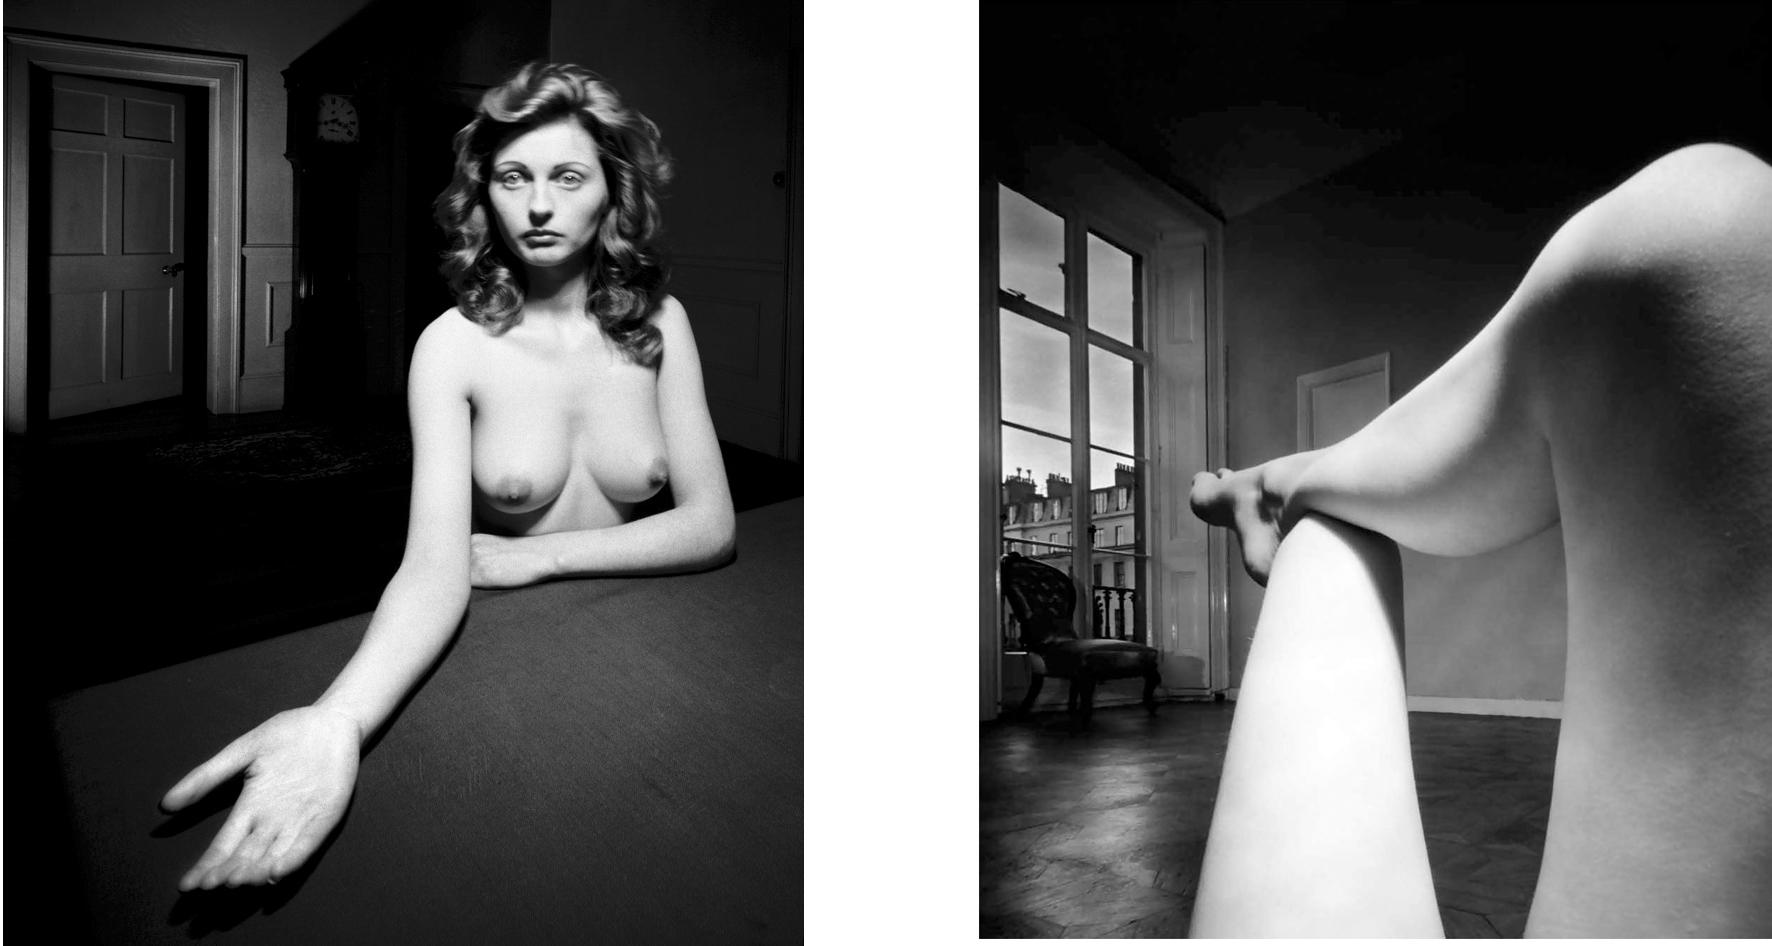 Storia della fotografia: Il Surrealismo di Man Ray e Brandt